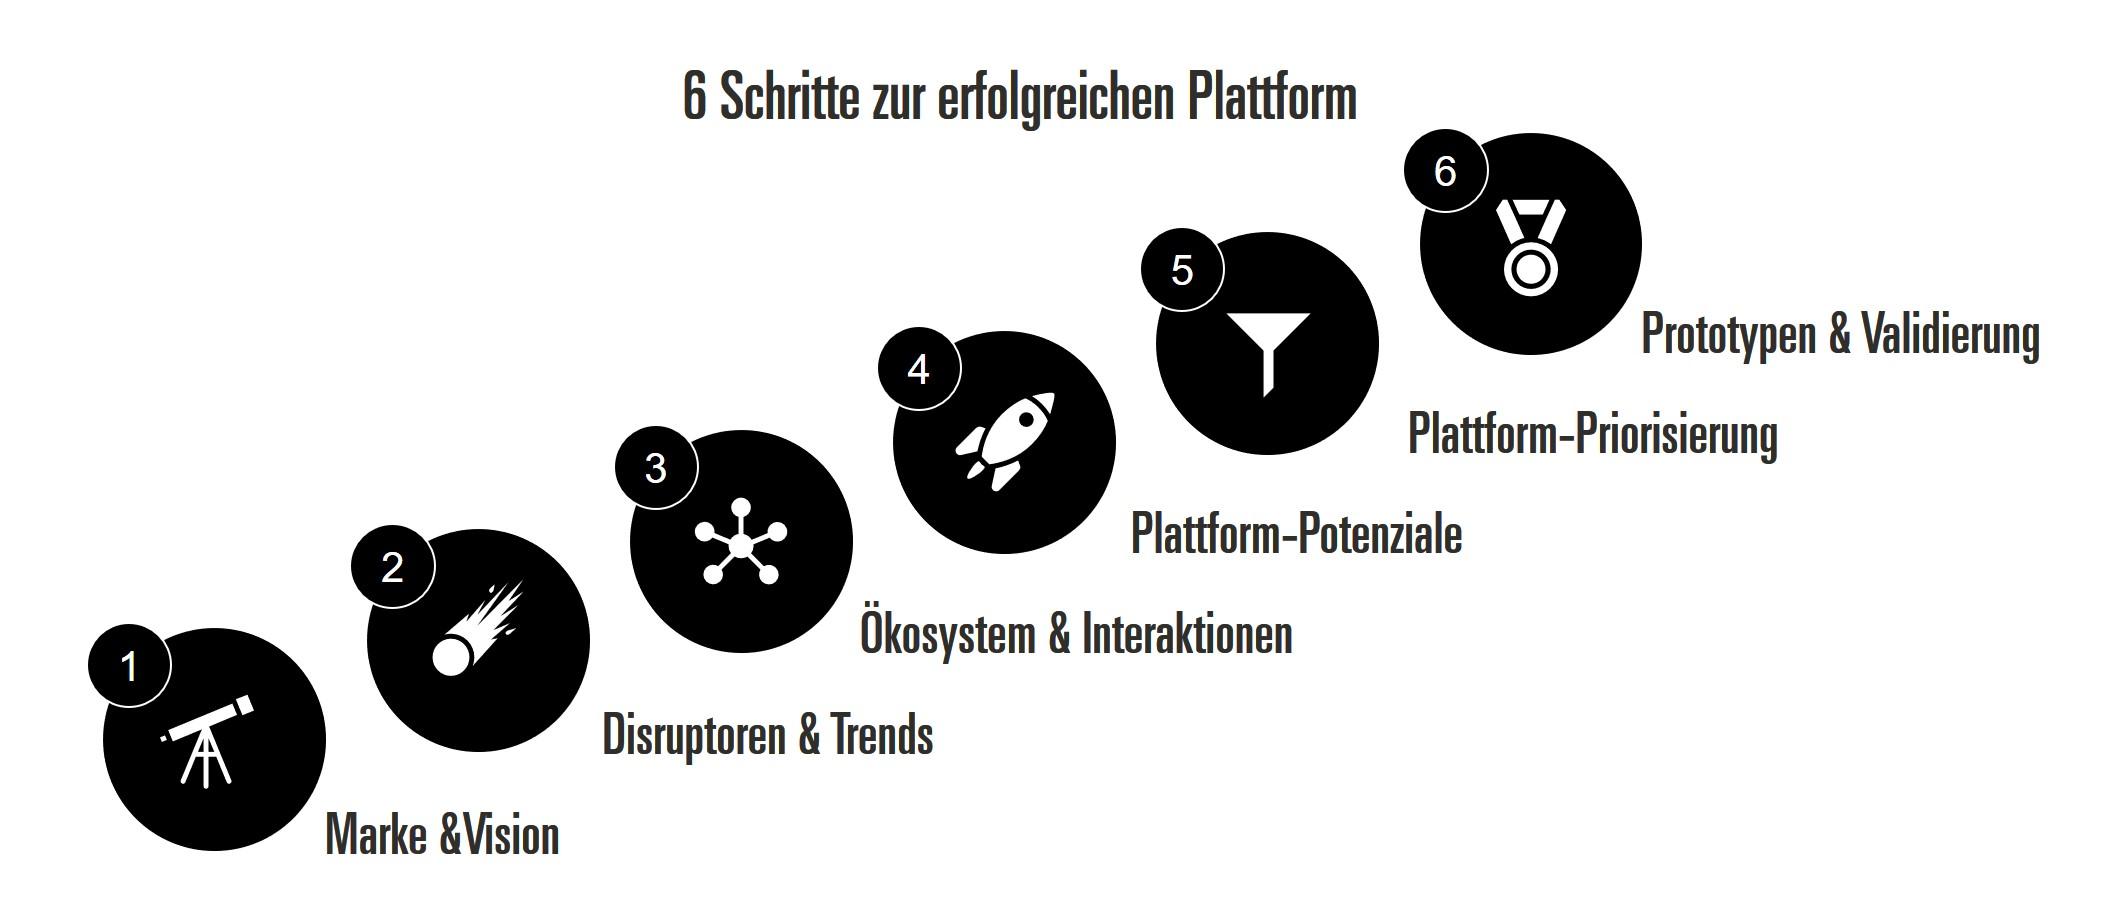 Plattform-Geschäftsmodelle